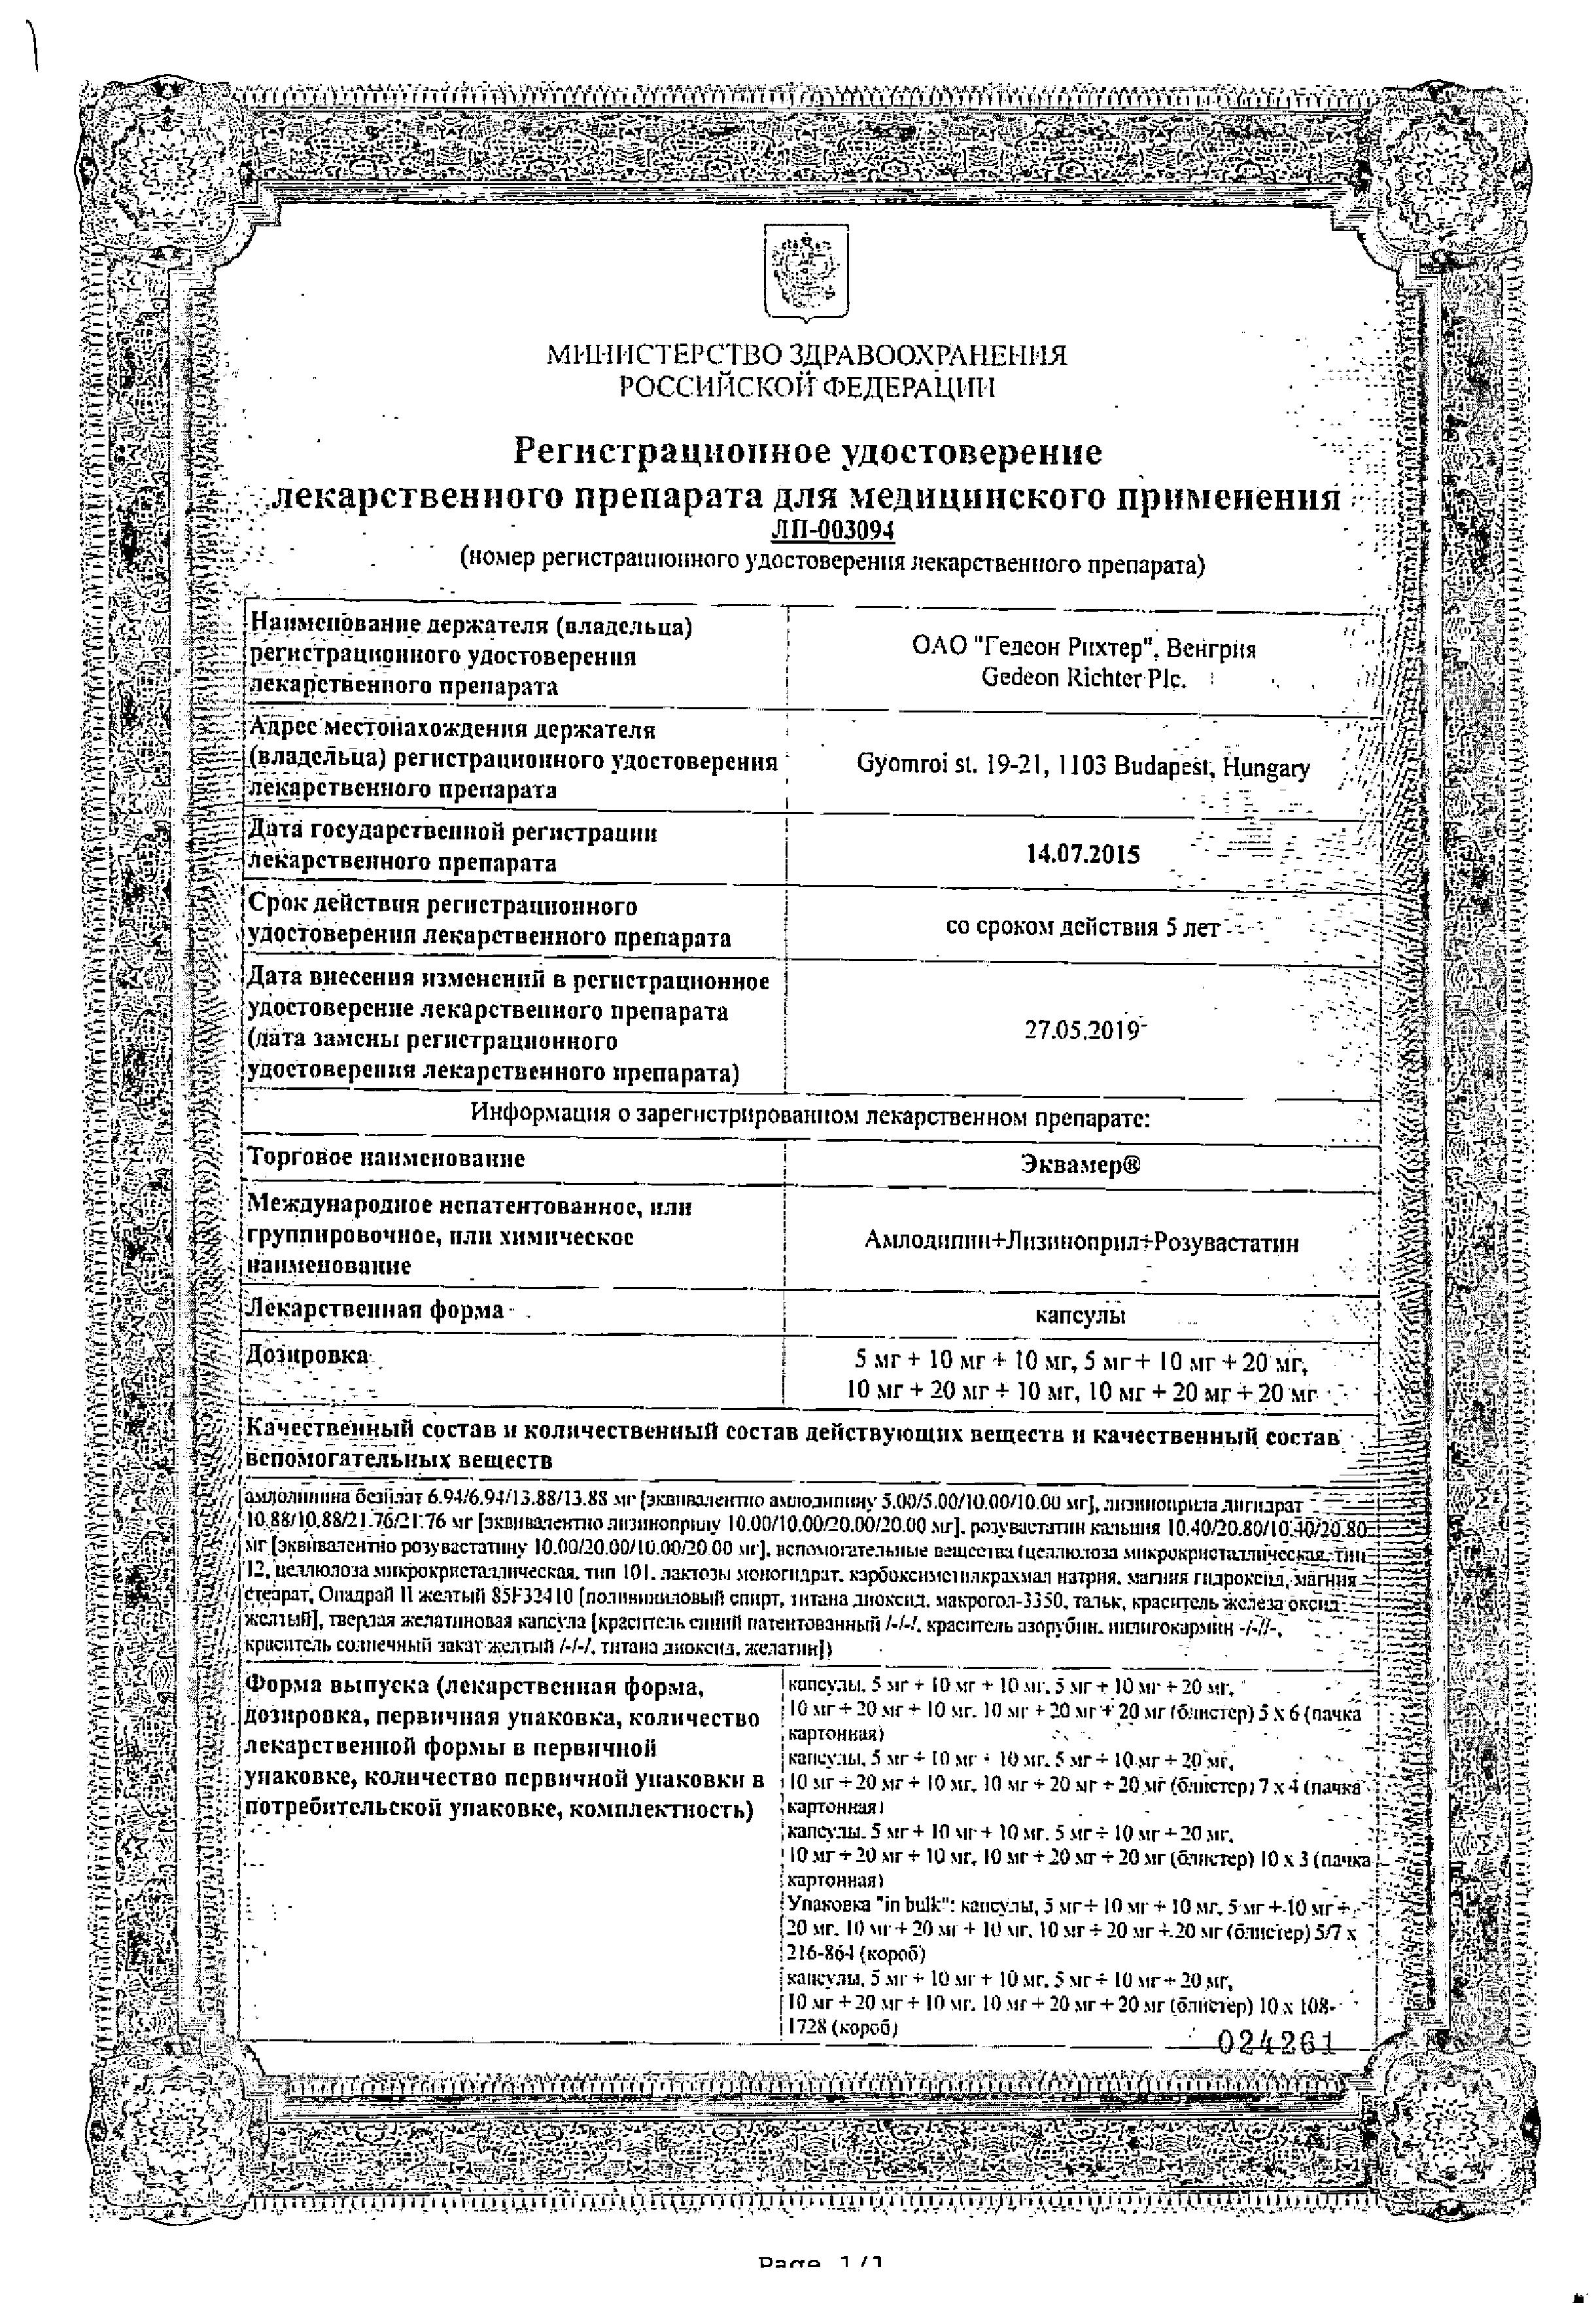 Эквамер сертификат